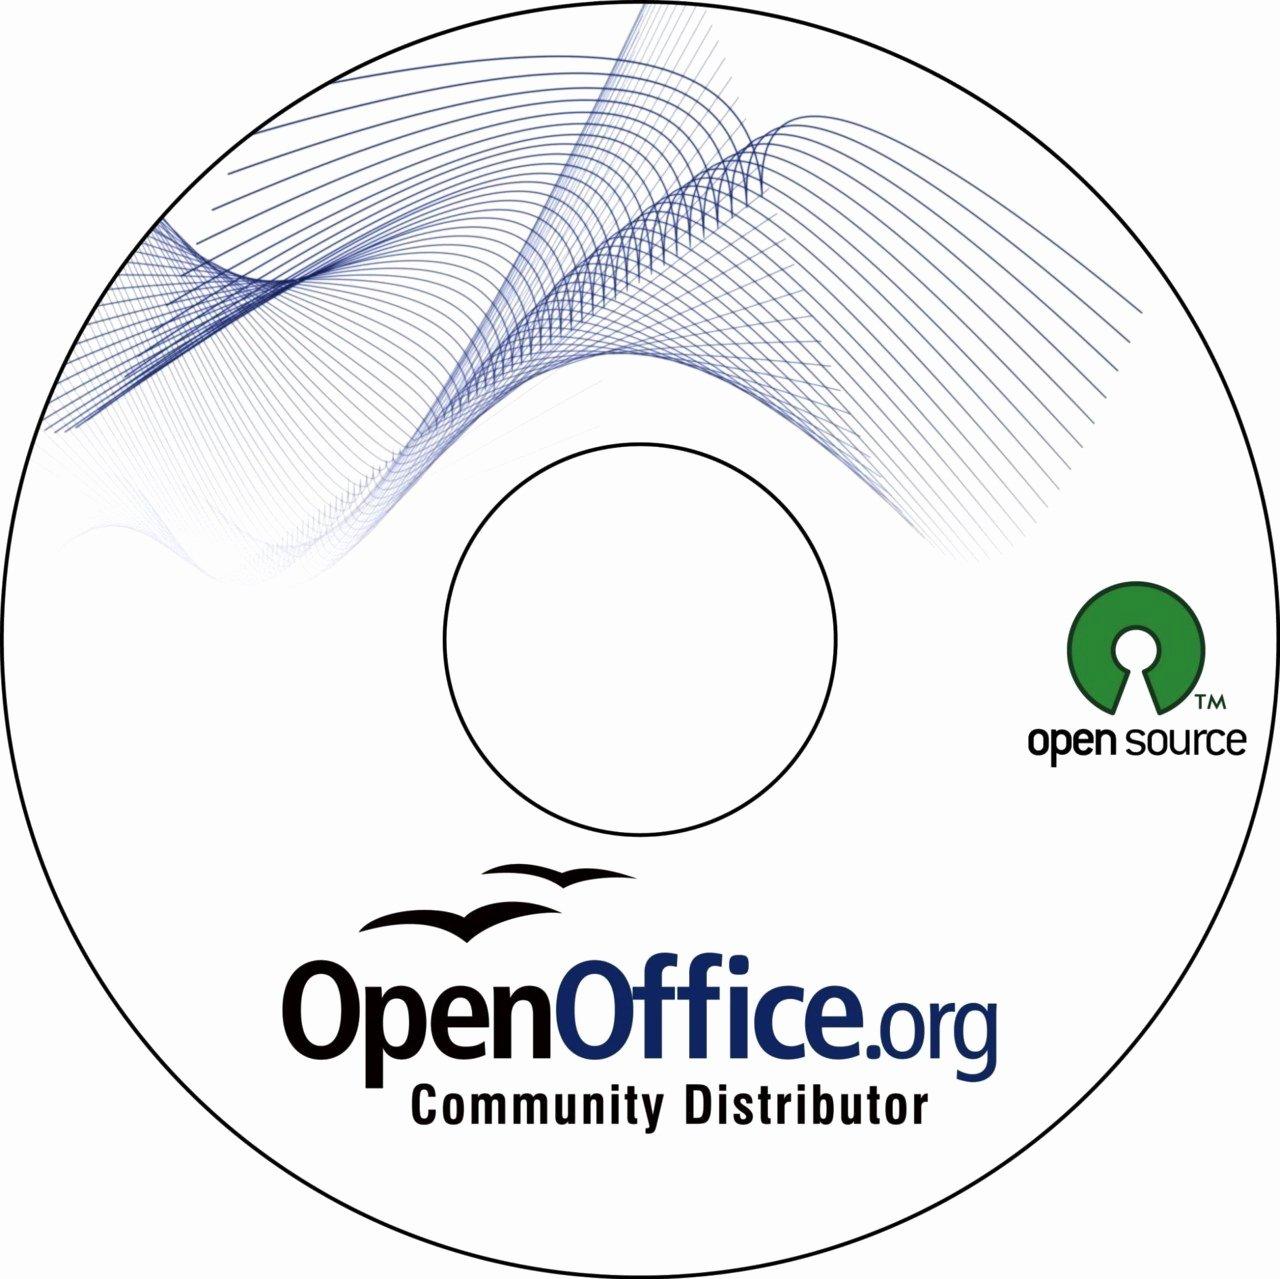 Openoffice Envelope Template Lovely Openoffice Envelope Template Sampletemplatess